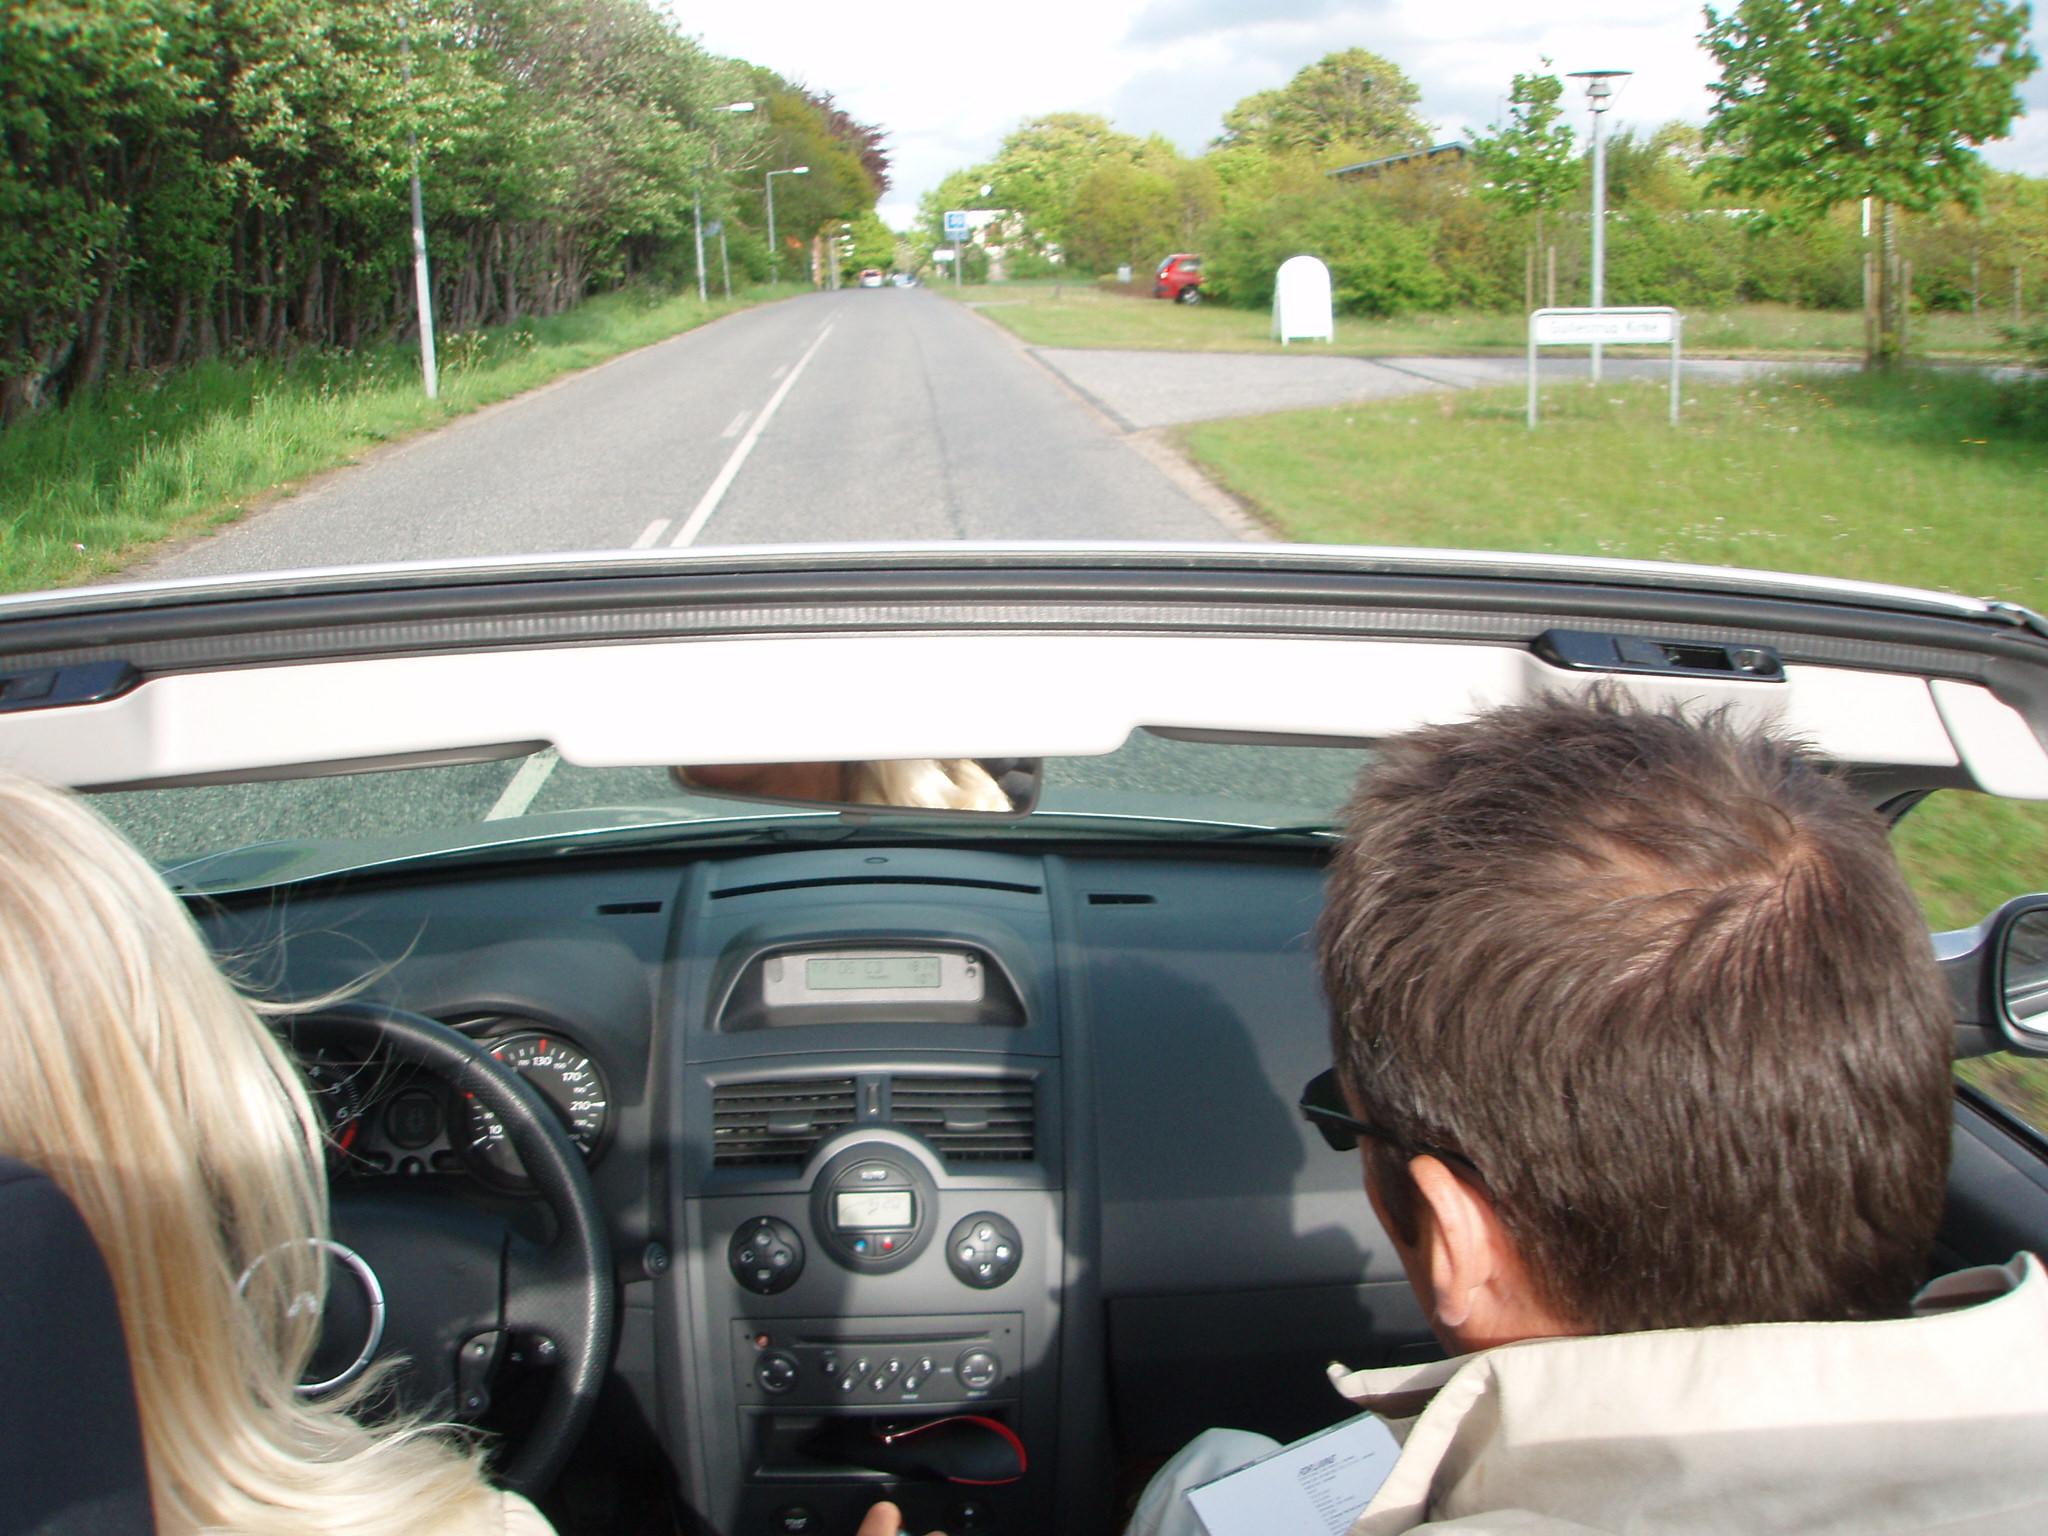 Danske turister bookede i sommer udlejningsbiler fra Avis Biludlejning i navnlig Sydeuropa. I Danmark var der flest bookinger af udlejningsbiler fra amerikanske turister. Arkivfoto: Henrik Baumgarten.